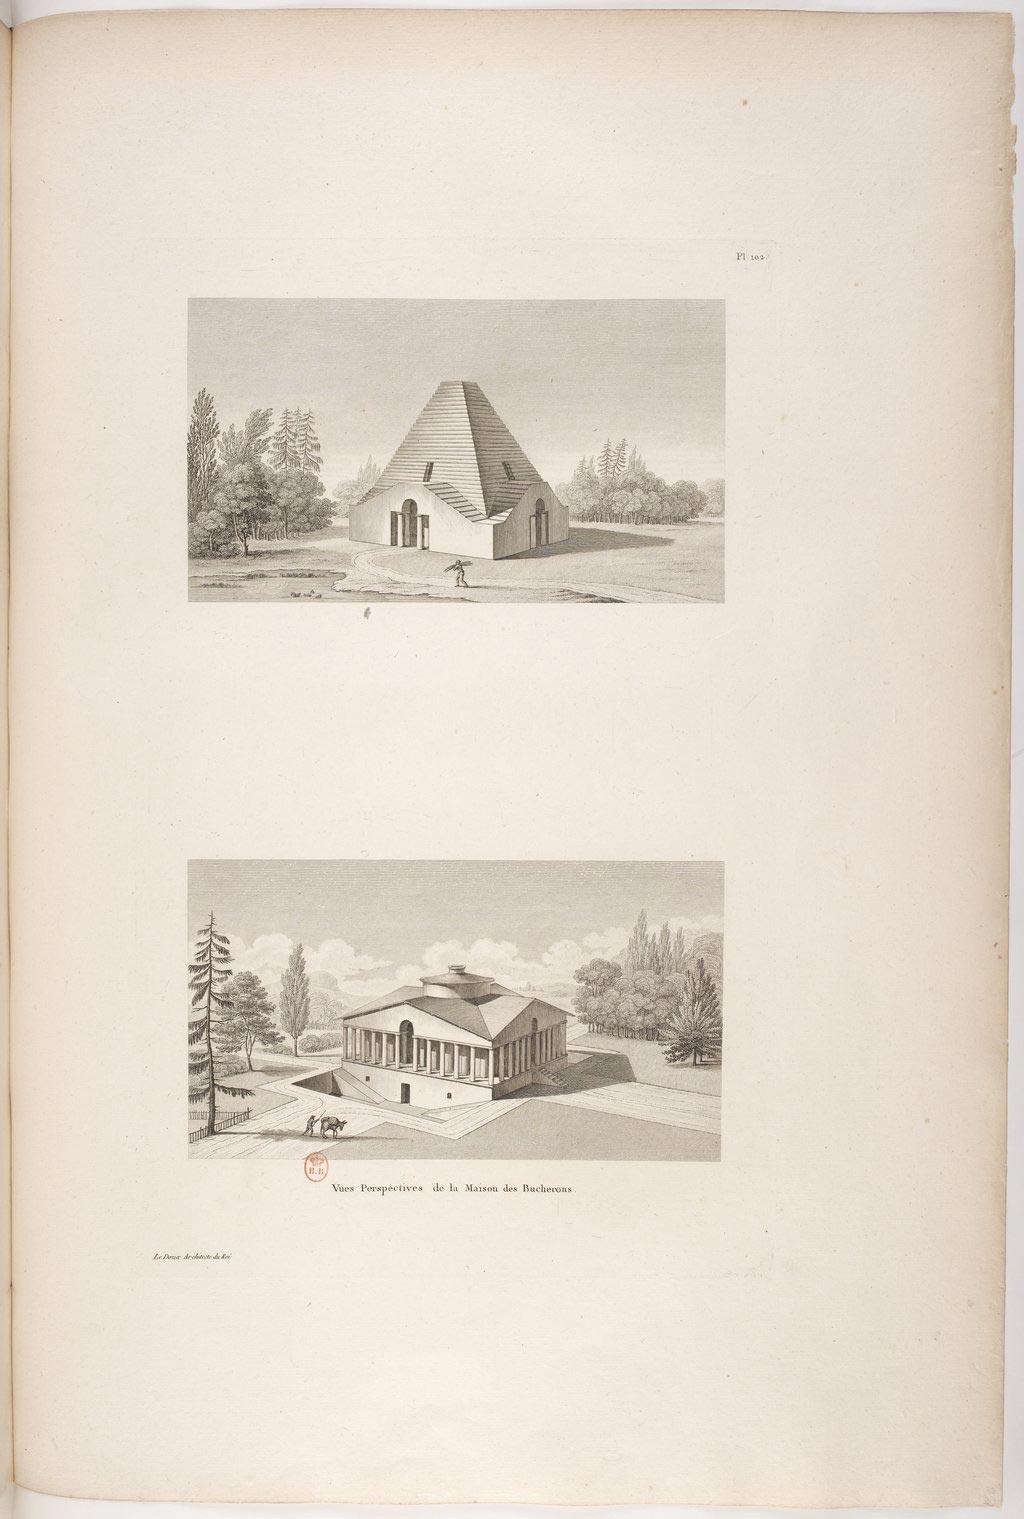 ledoux-claude-architecture-435